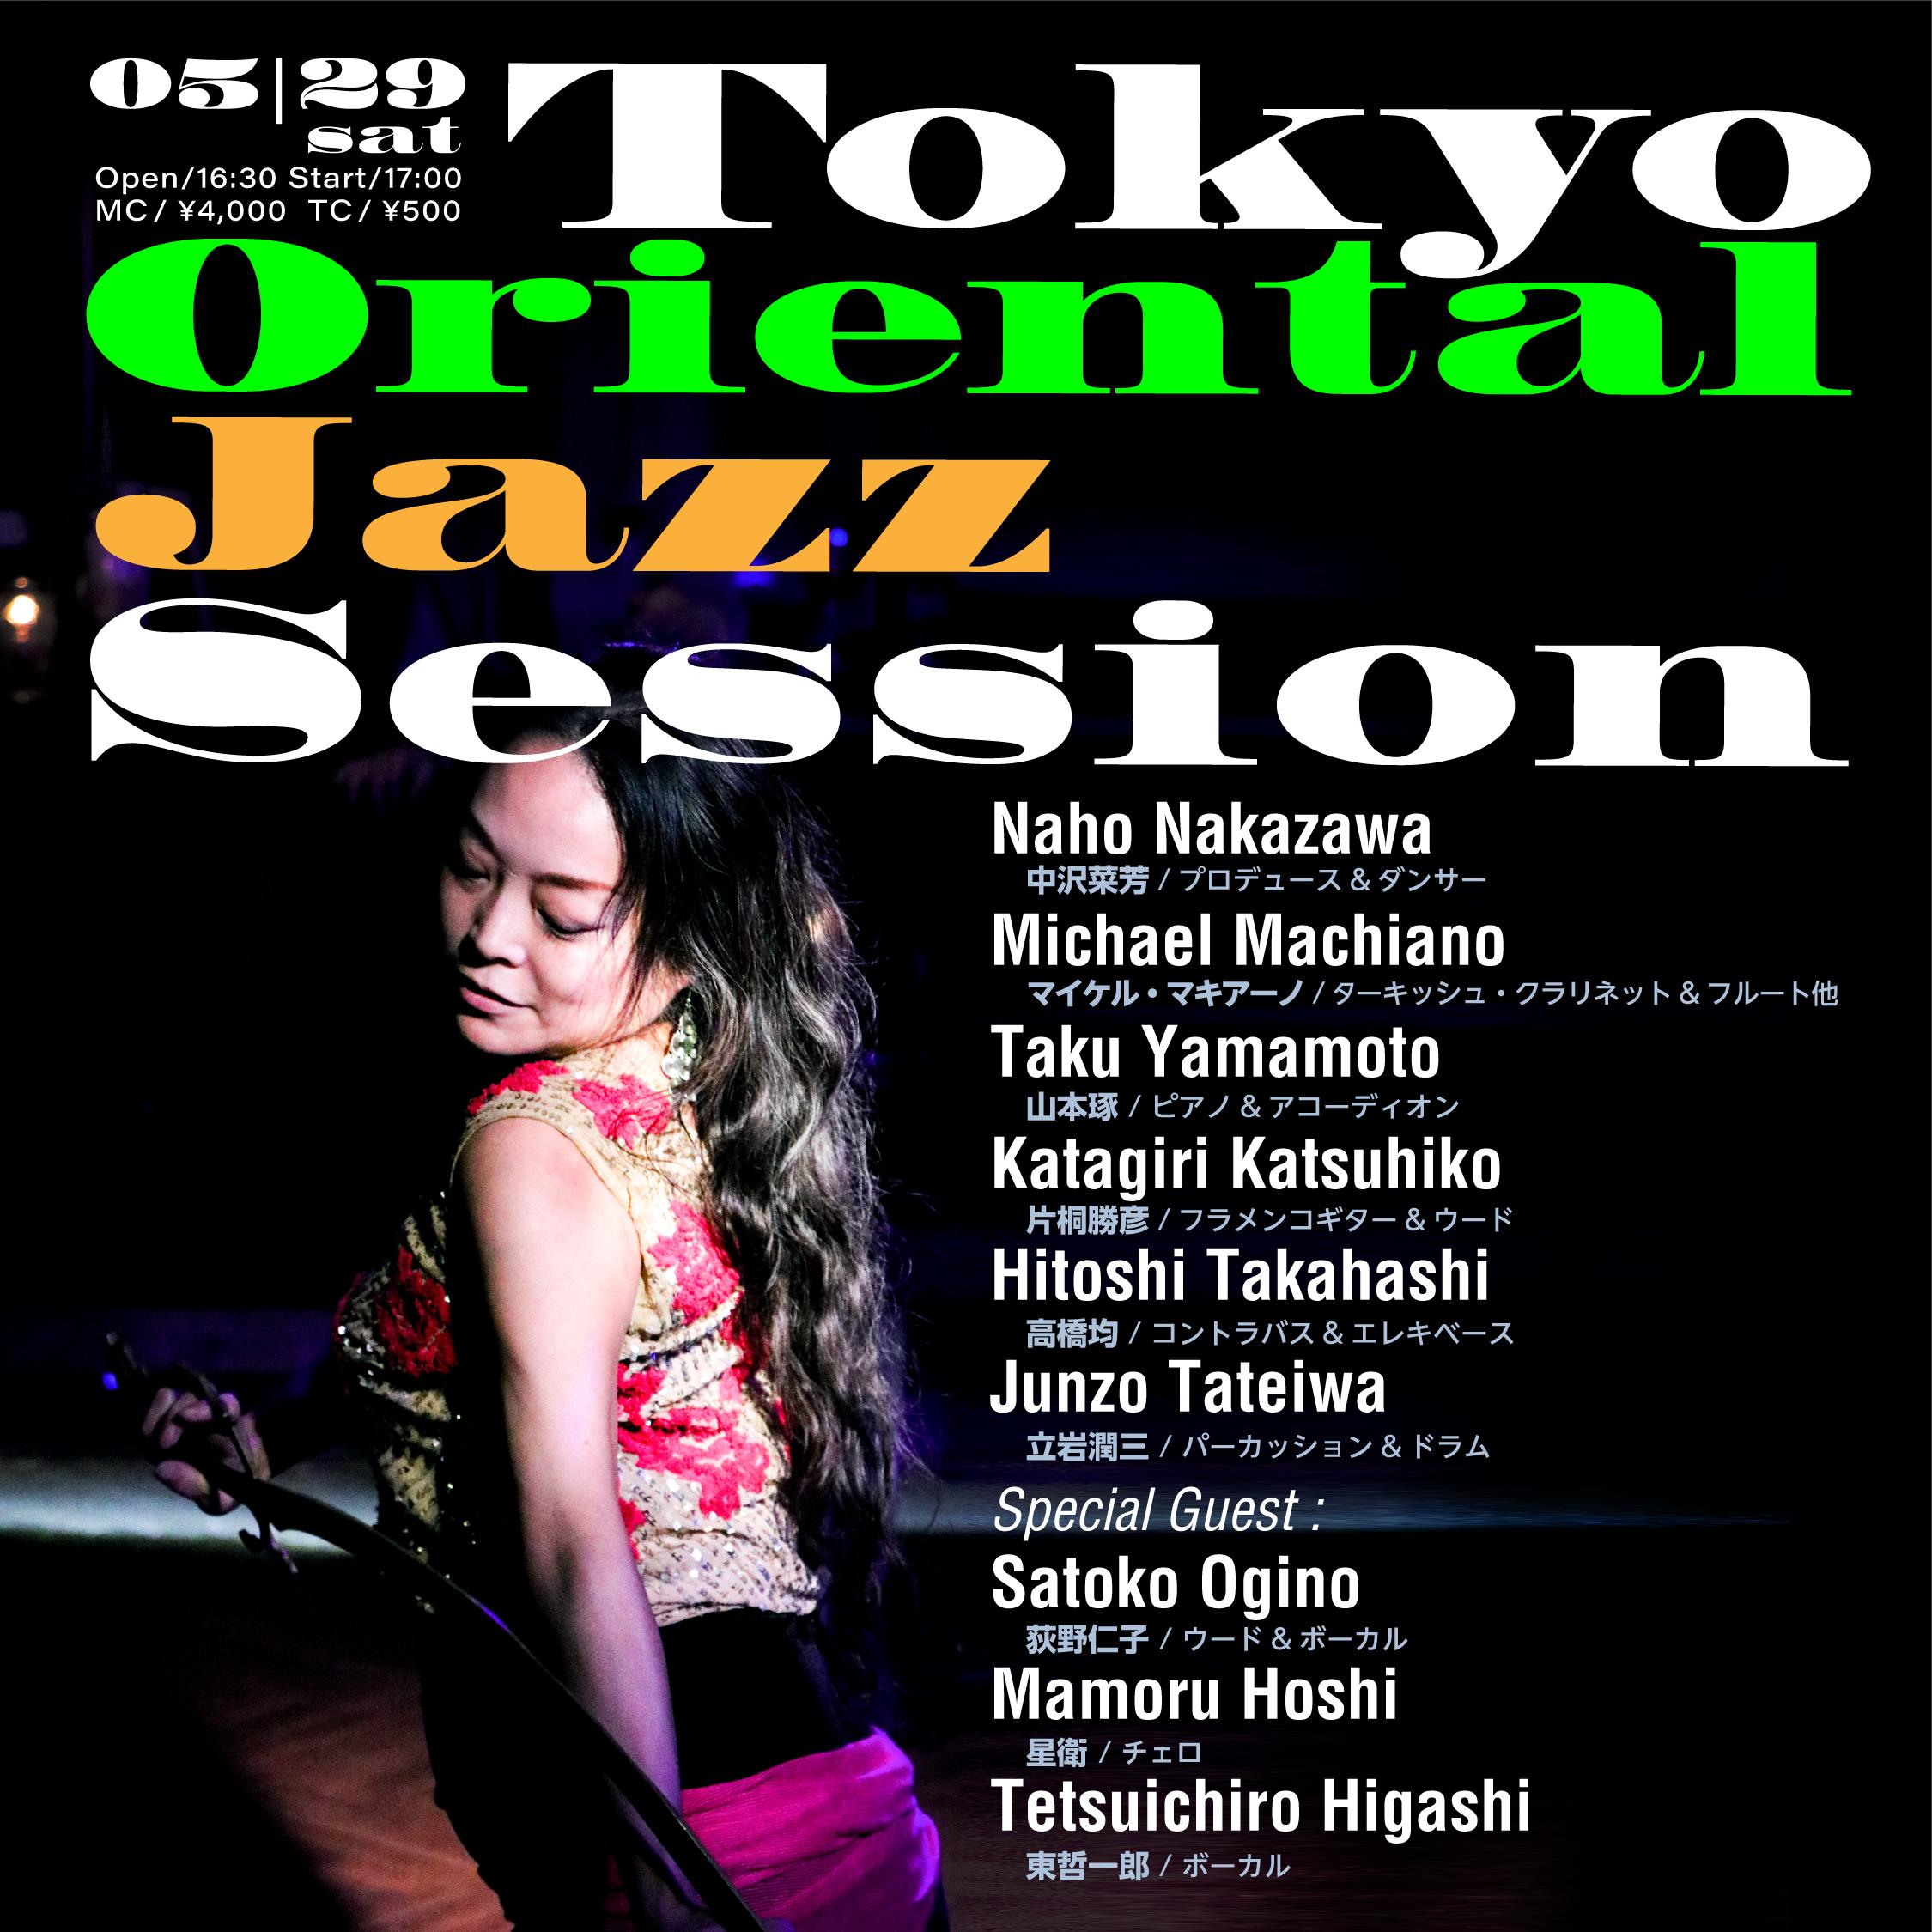 東京オリエンタルジャズセッション